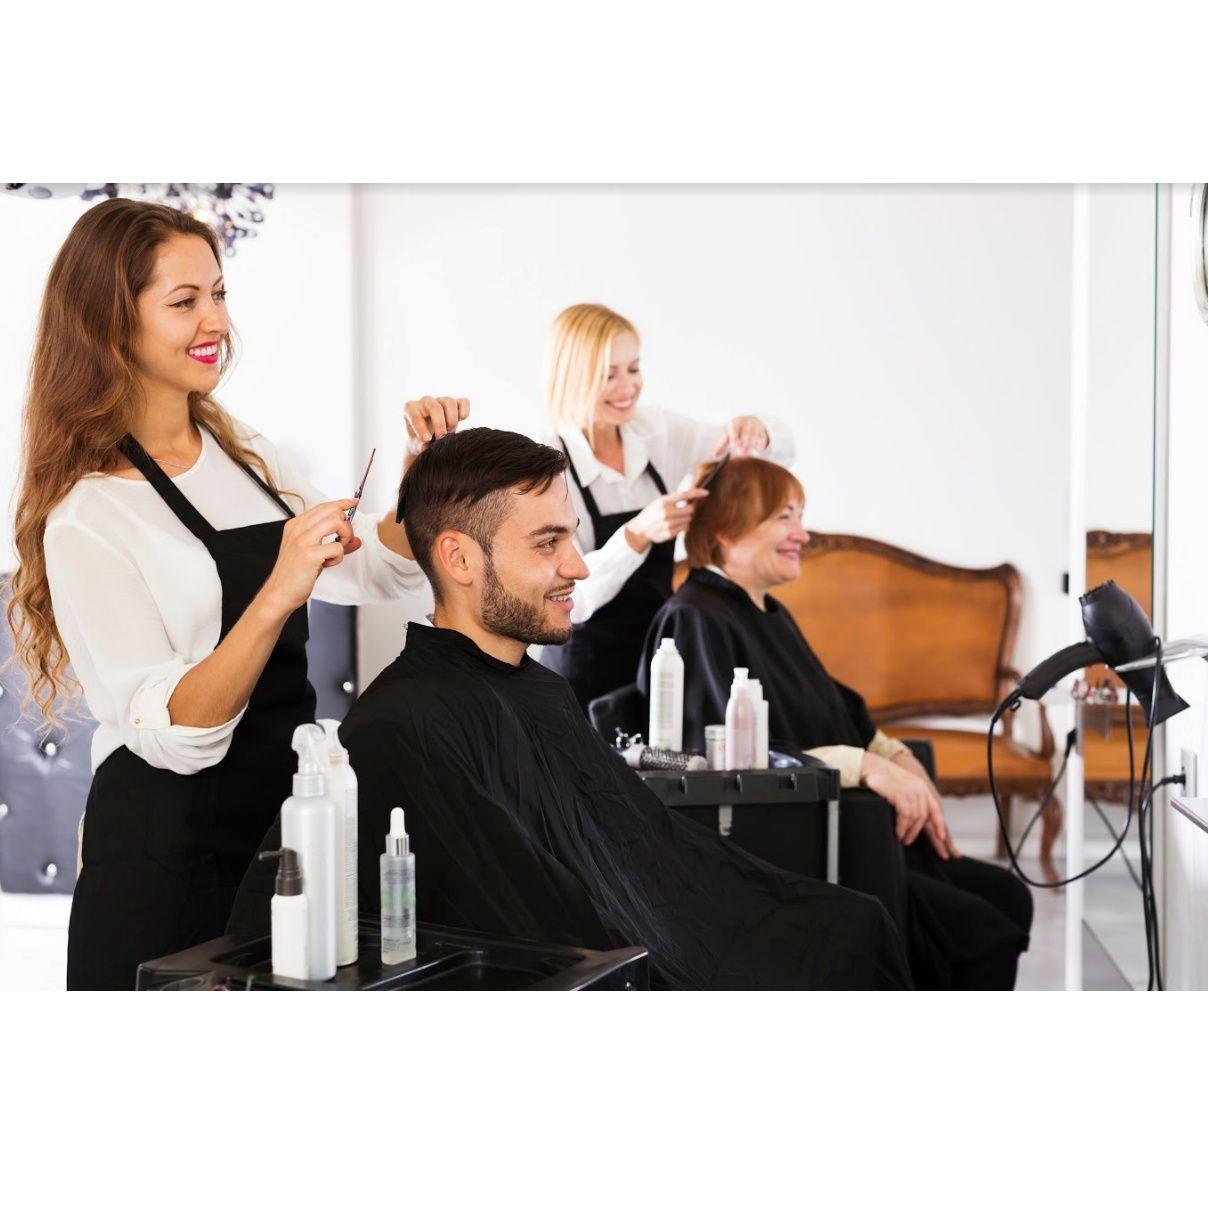 Maquinaria para corte de pelo: Productos de Cuchillería San Gil